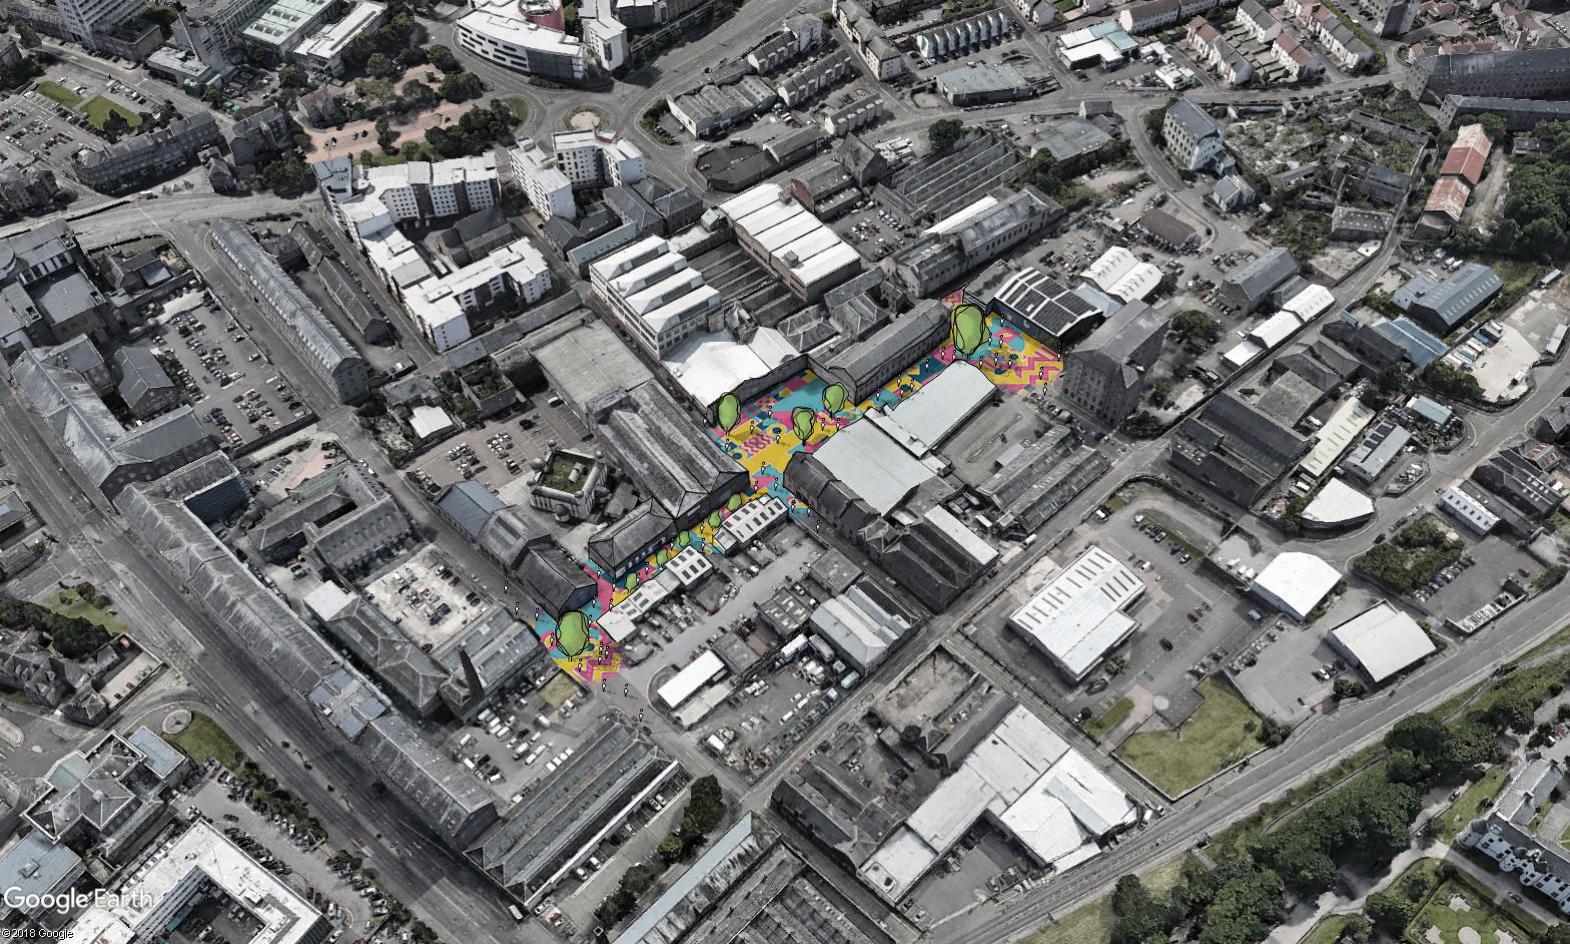 miln street image.jpg